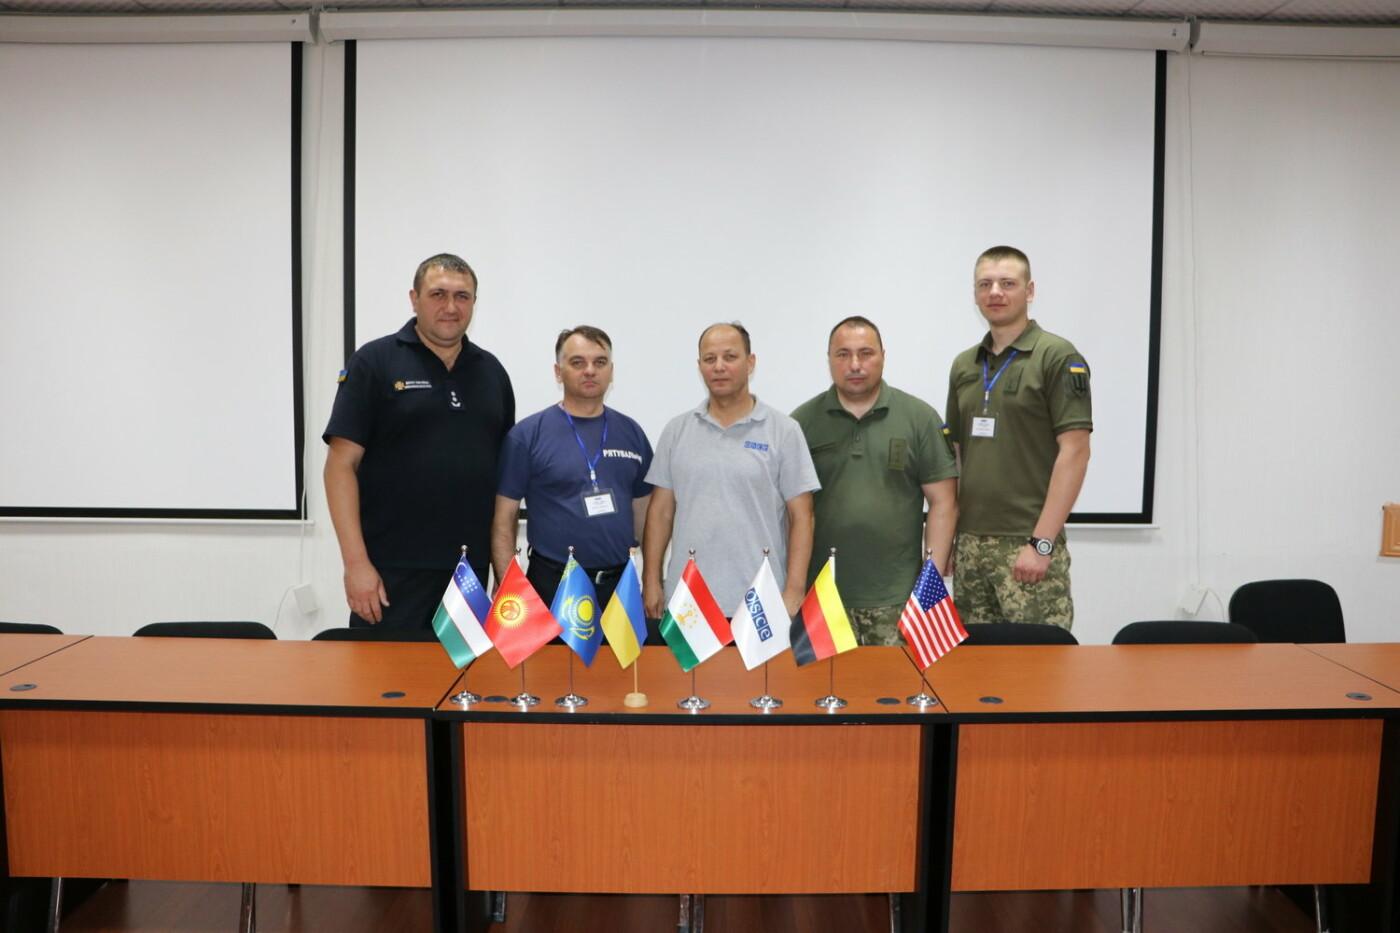 Військовий Центру розмінування пройшов підготовку інструкторів на базі ОБСЄ, фото-6, Фото: Центр розмінування